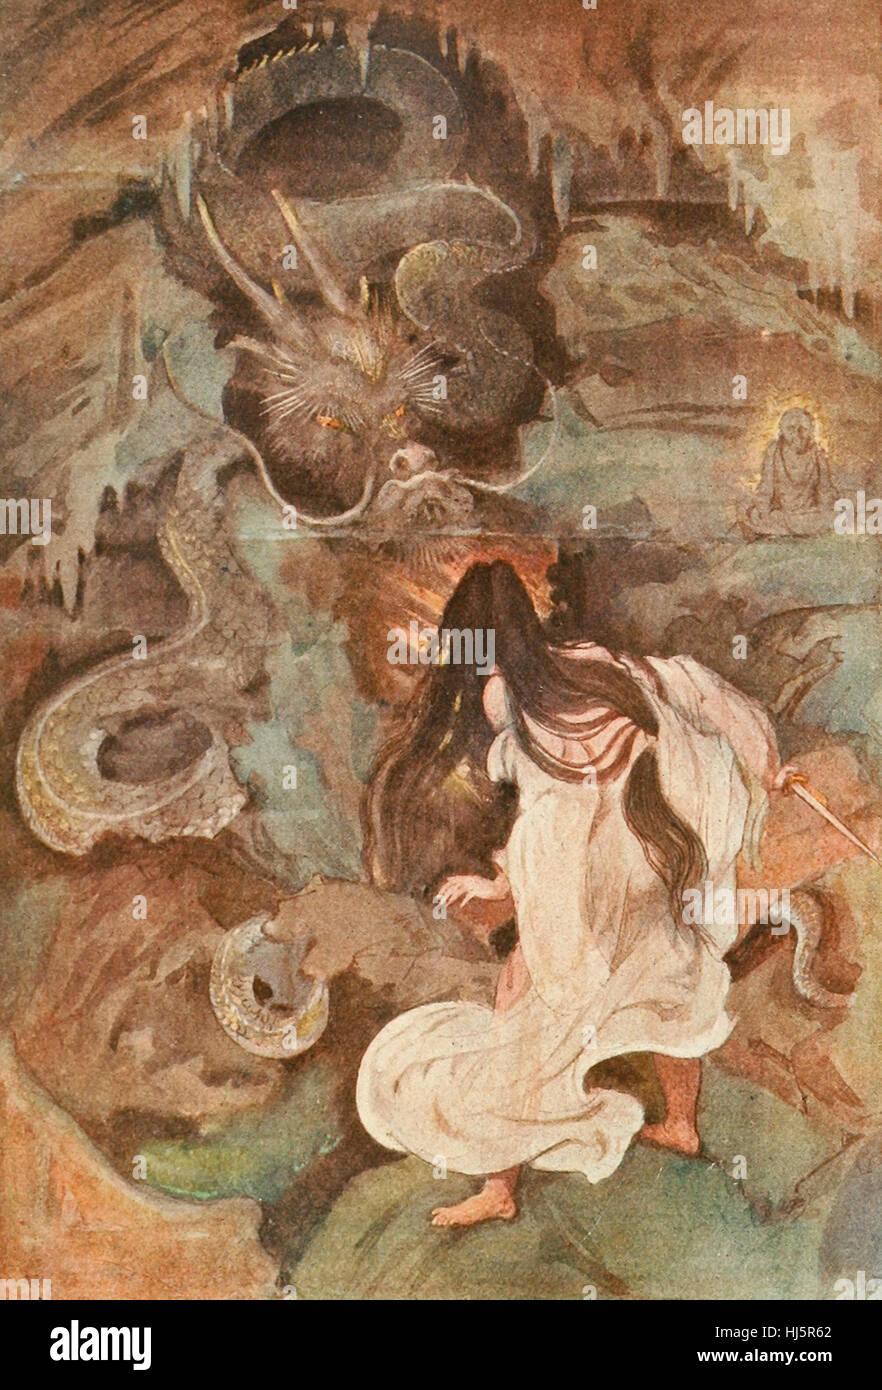 Tokoyo and the Sea Serpent, Japanese Mythology - Stock Image